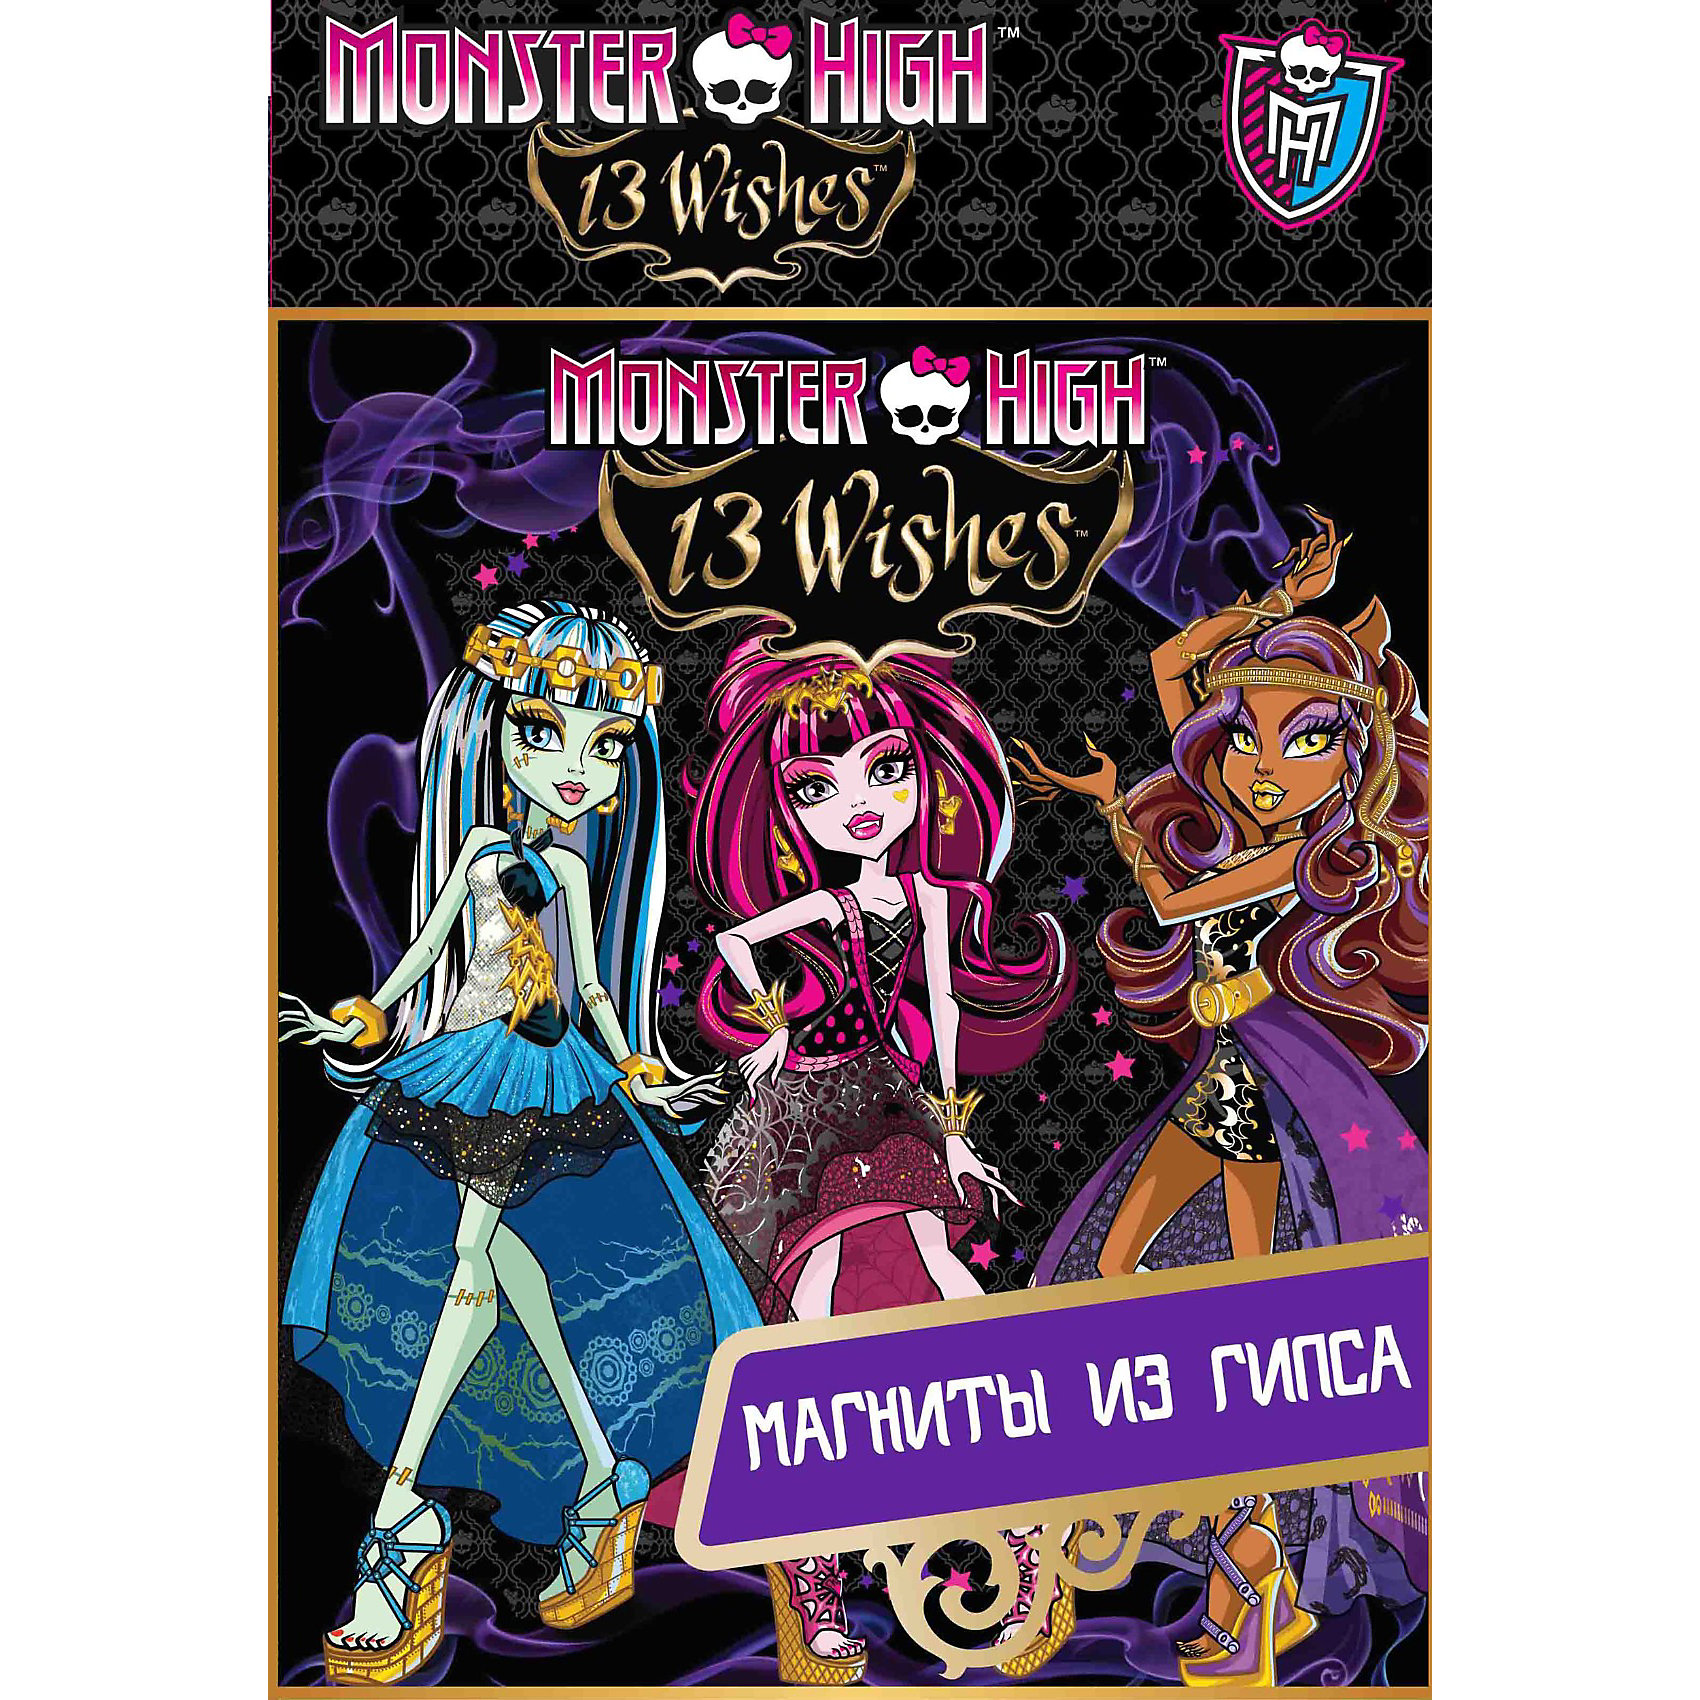 Набор по изготовлению магнитов , Monster High, CENTRUMНабор по изготовлению магнитов , Monster High, CENTRUM (Центрум) – набор из серии сделай сам для изготовления магнитов на холодильник.<br>Набор дает возможность в домашних условиях изготовить магнитные изображениями героев Монстер Хай и раскрасить их в яркие цвета. При раскрашивании полученных фигурок ребенок получает возможность максимально проявить свои творческие способности и воображение. Работа с данным набором развивает мелкую моторику, координацию движений, фантазию и художественные способности. Весь процесс изготовления фигурок становится увлекательным и познавательным.<br><br>Дополнительная информация:<br><br>-В наборе: пластиковые формы, гипс - порошок, краски акварельные – 6 цветов, кисть, магнитная лента, инструкция<br><br>Набор по изготовлению магнитов , Monster High, CENTRUM (Центрум) - подарите ребенку возможность почувствовать себя настоящим скульптором!<br><br>Набор по изготовлению магнитов , Monster High, CENTRUM (Центрум) можно купить в нашем интернет-магазине.<br><br>Ширина мм: 50<br>Глубина мм: 220<br>Высота мм: 185<br>Вес г: 520<br>Возраст от месяцев: 84<br>Возраст до месяцев: 108<br>Пол: Женский<br>Возраст: Детский<br>SKU: 3540530